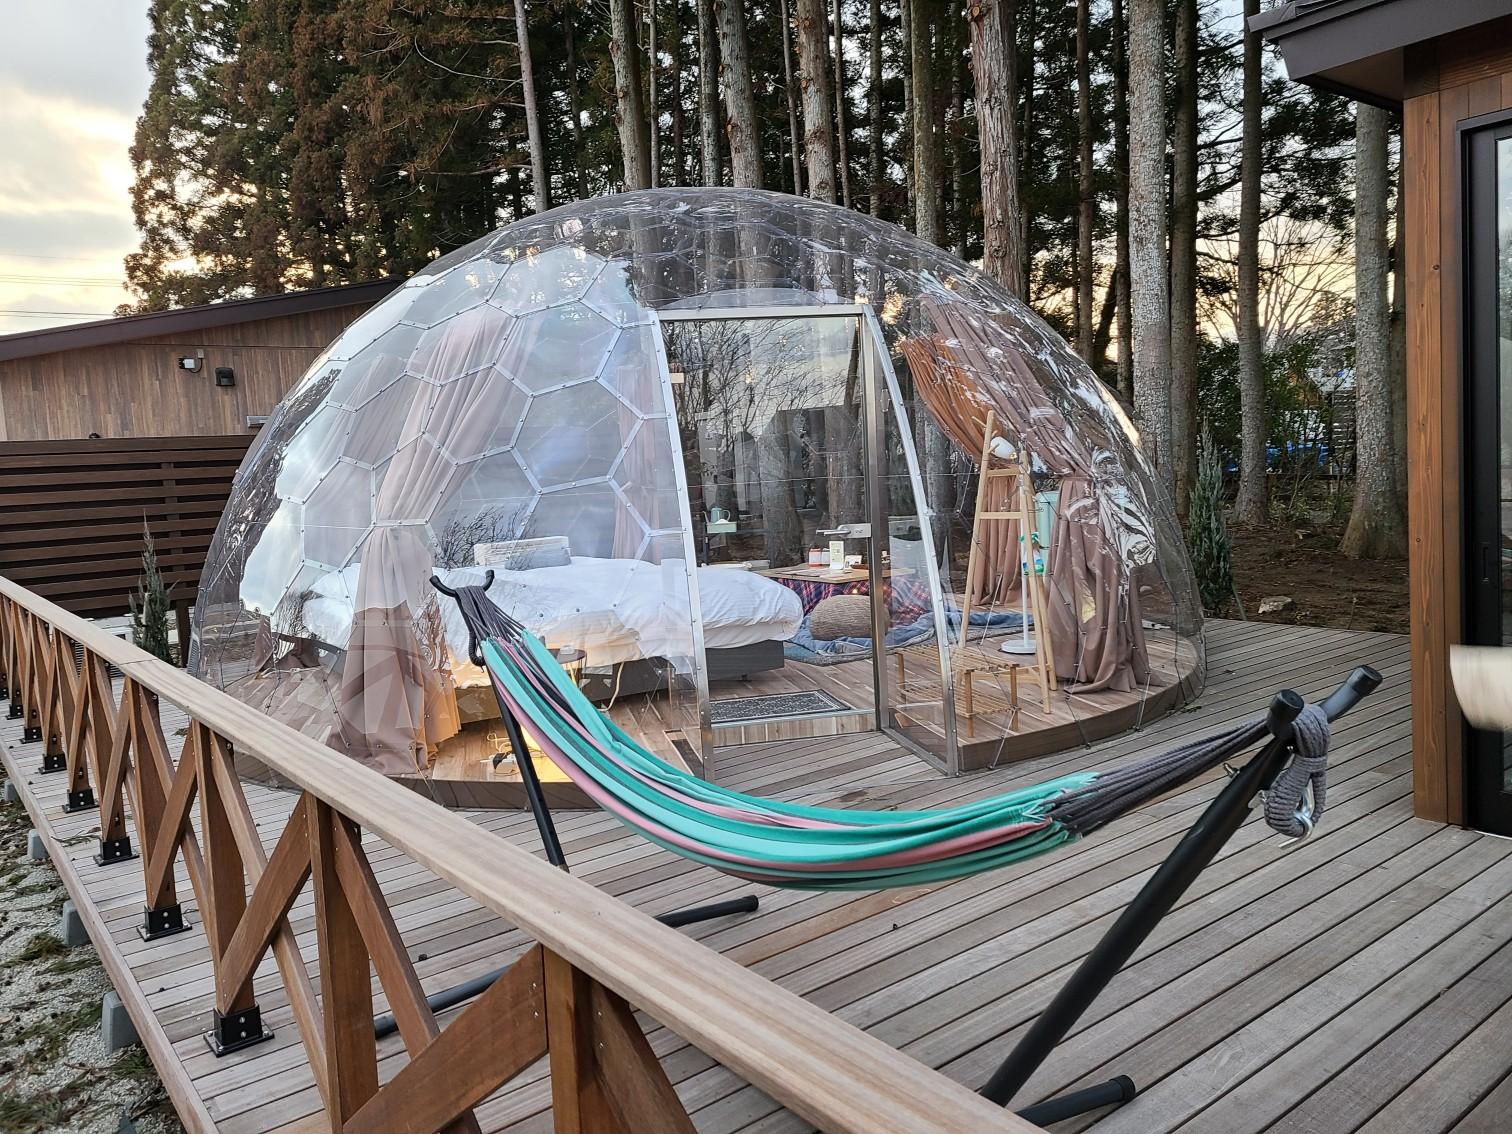 【那須満喫】まぐの女子旅『おしゃグランピング』☆透明なドームで非日常キャンプ☆_1